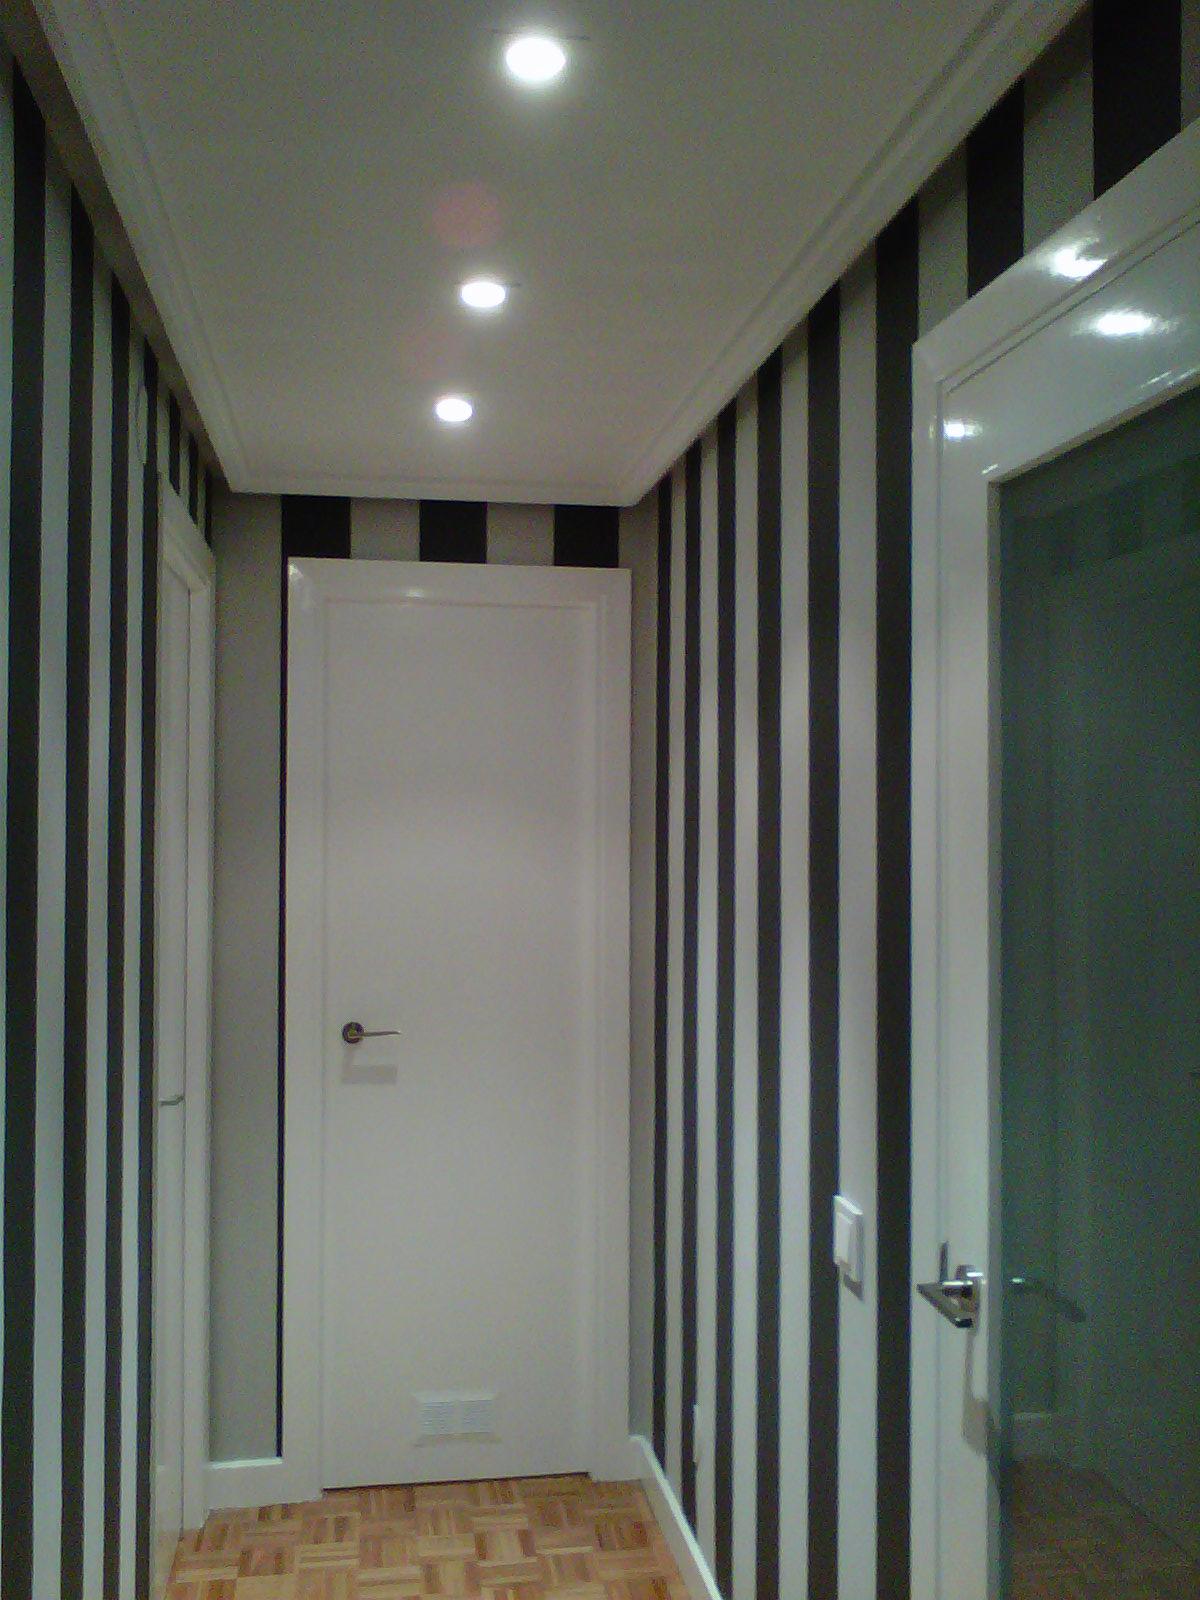 Pinturas aguado s l pintado rayas en pasillo dos for Papel pintado a rayas para pasillos